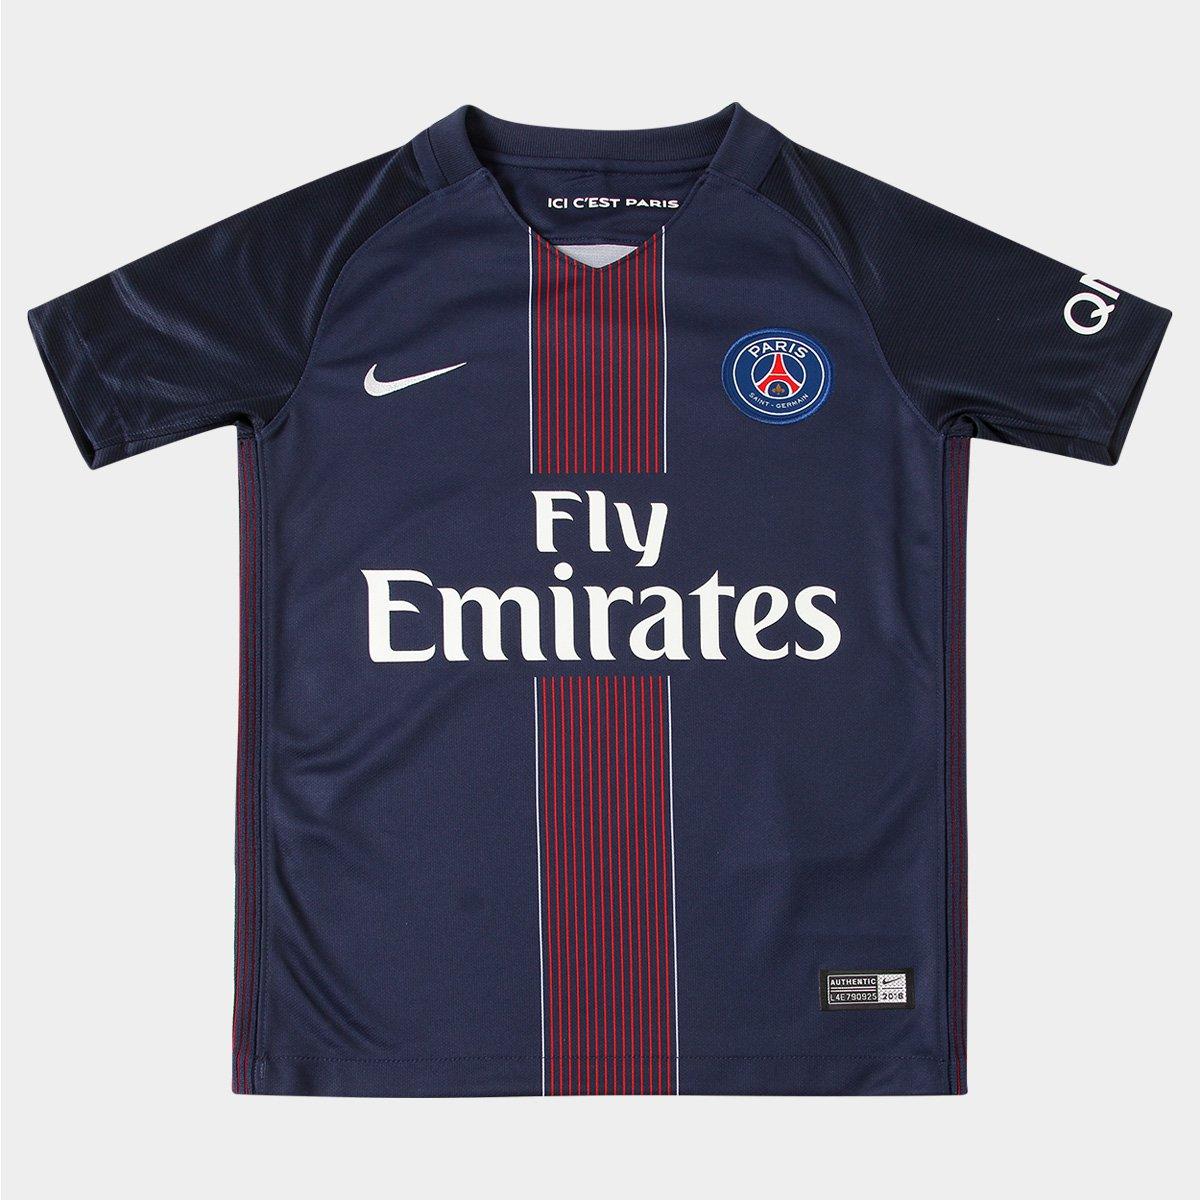 edd52415e3 Camisa Paris Saint Germain Infantil Home 16 17 s nº Torcedor Nike - Compre  Agora